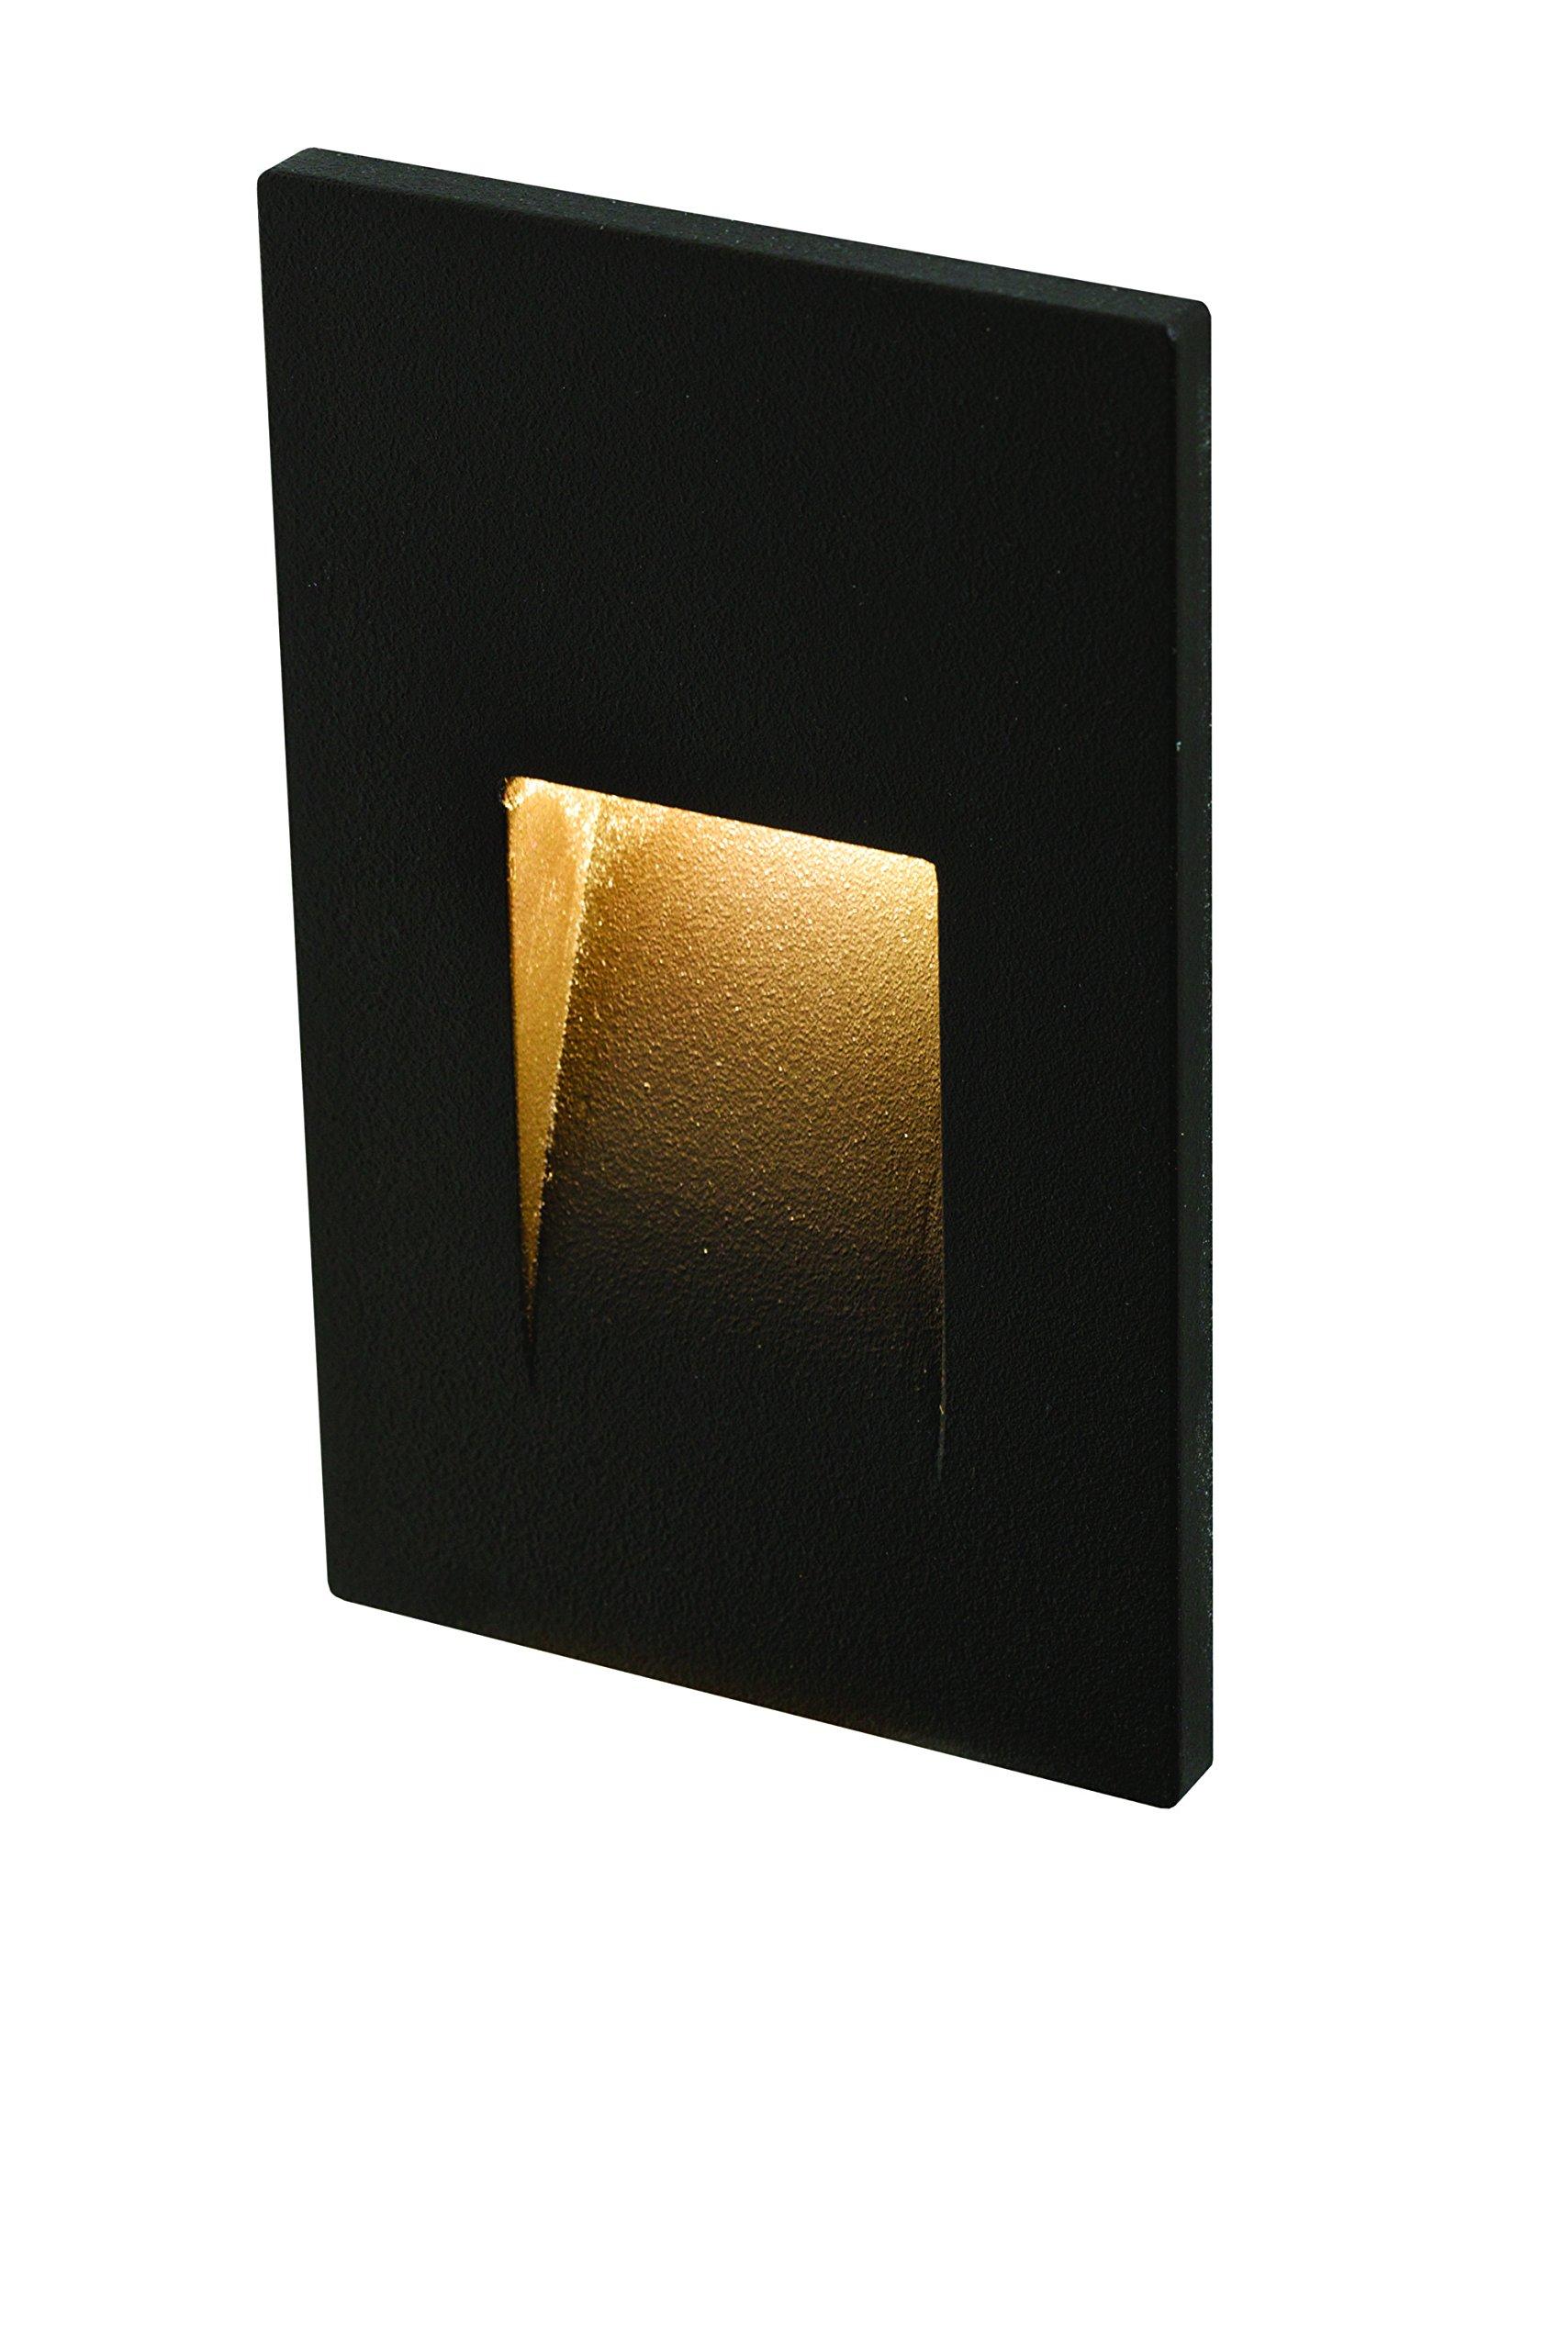 Dals Lighting LEDSTEP002-BK Led Step Light, Black